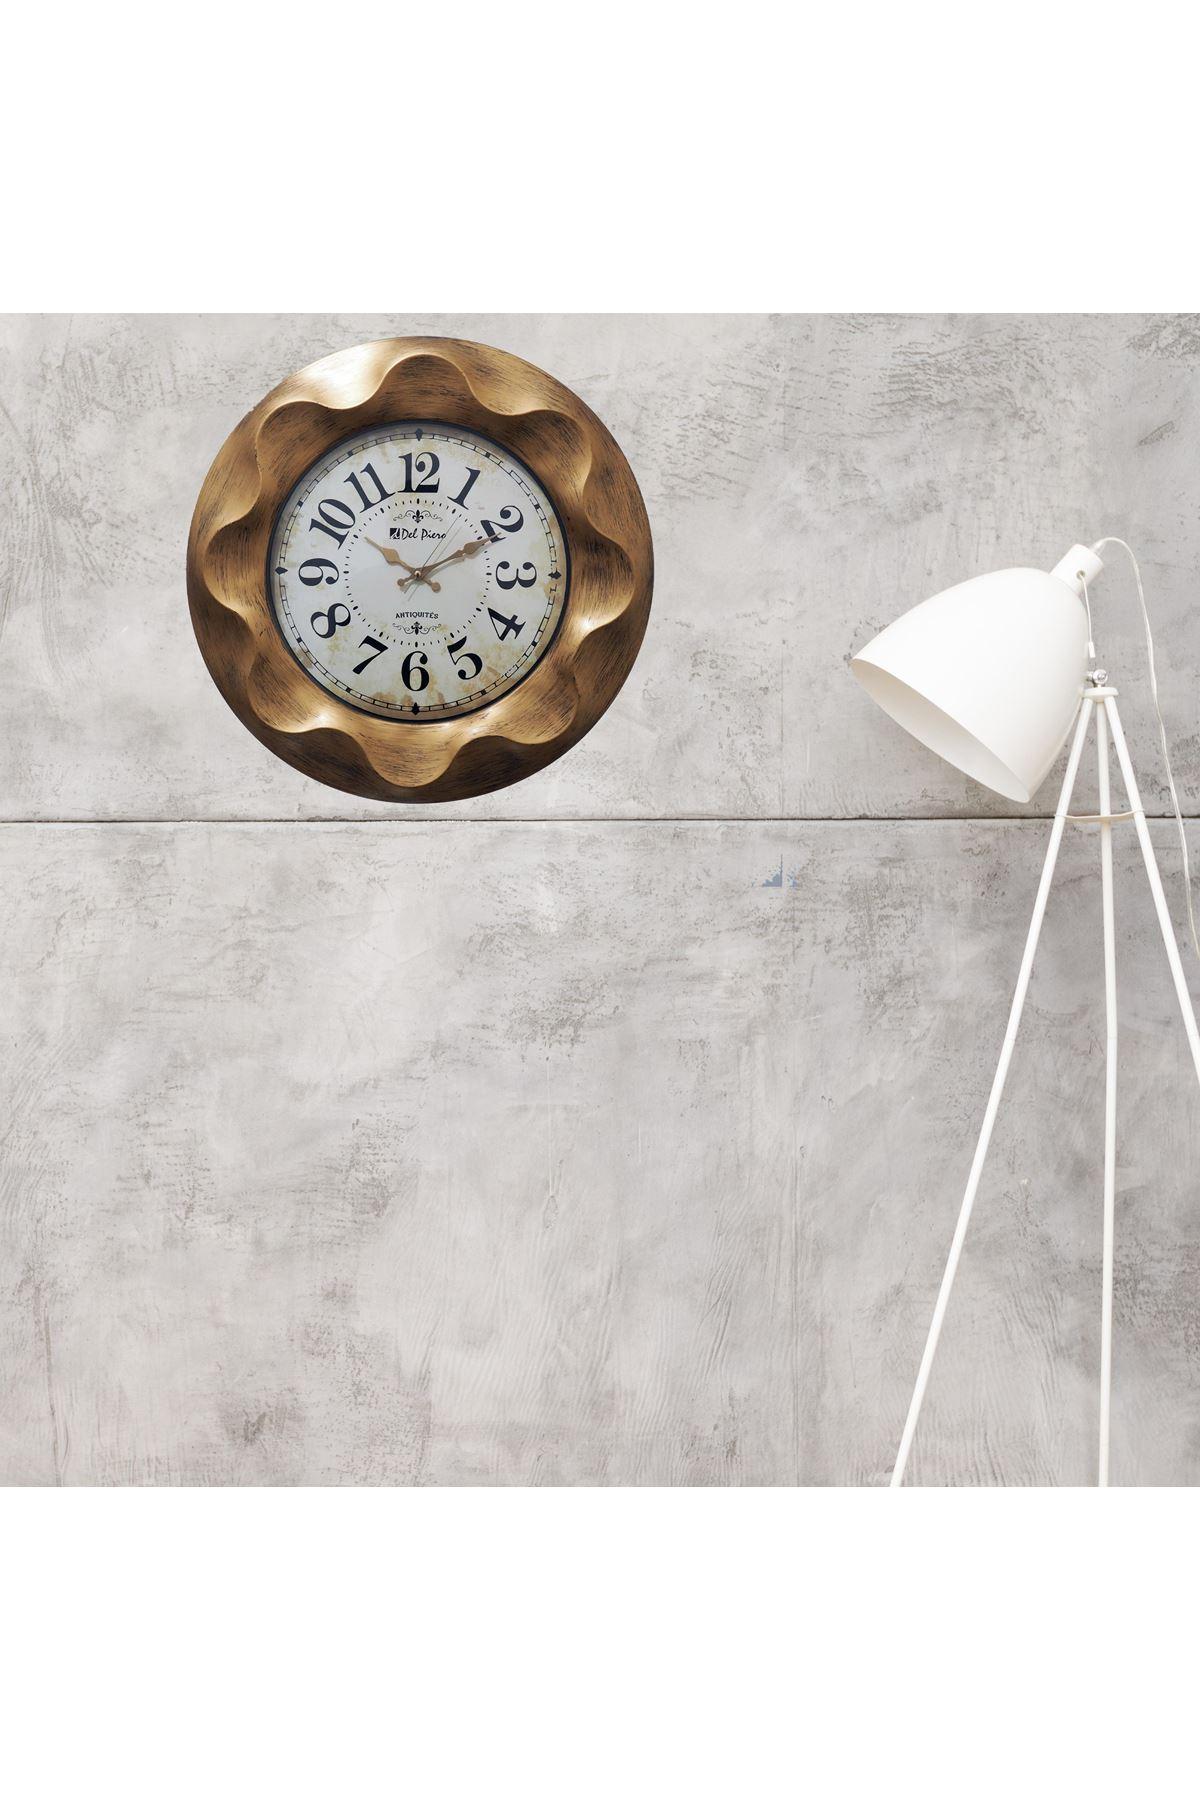 Rikon Del Piero Altın Eskitme Desenli dekoratif Duvar Saati